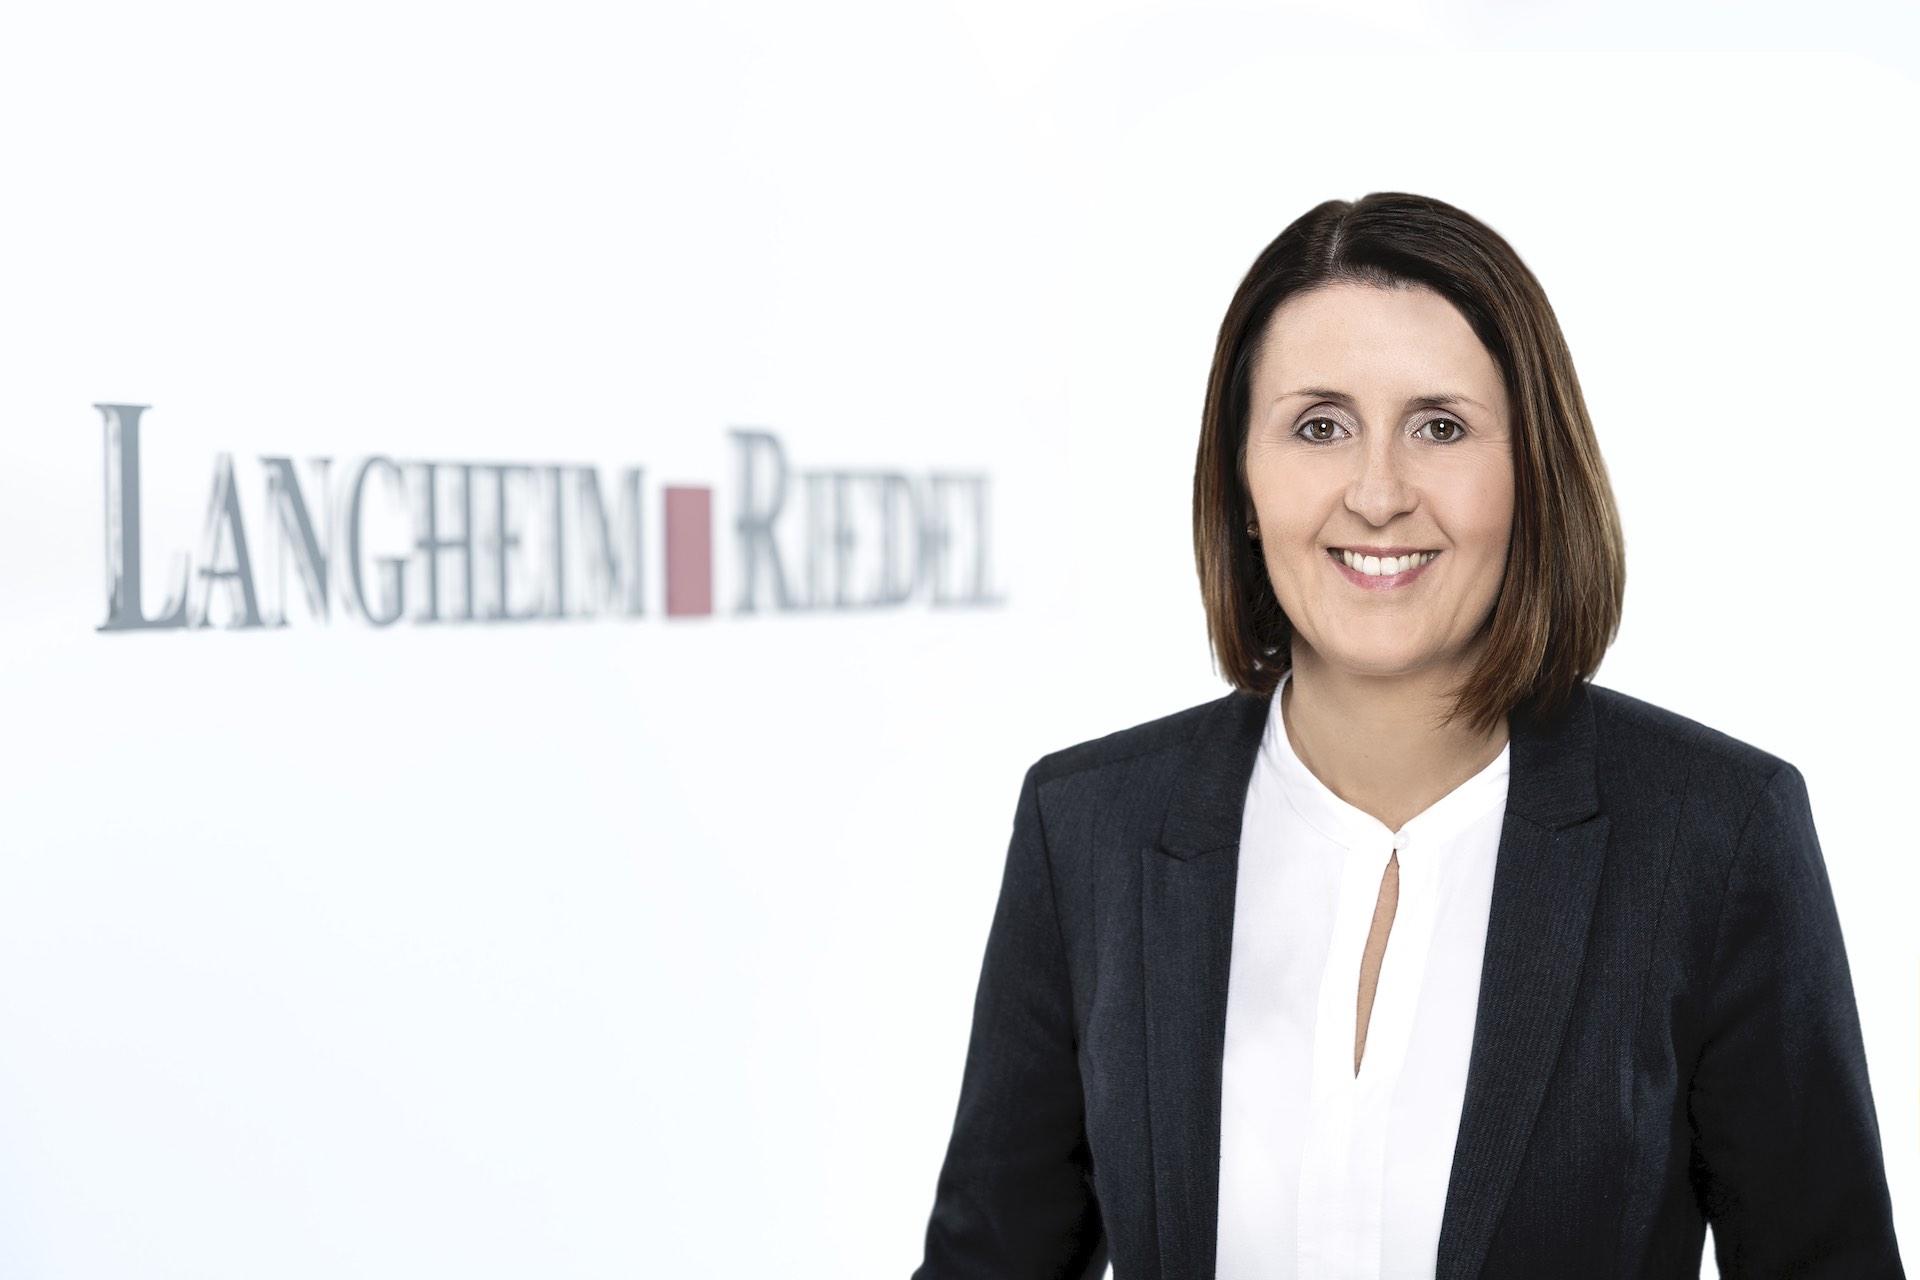 Claudia Rauf